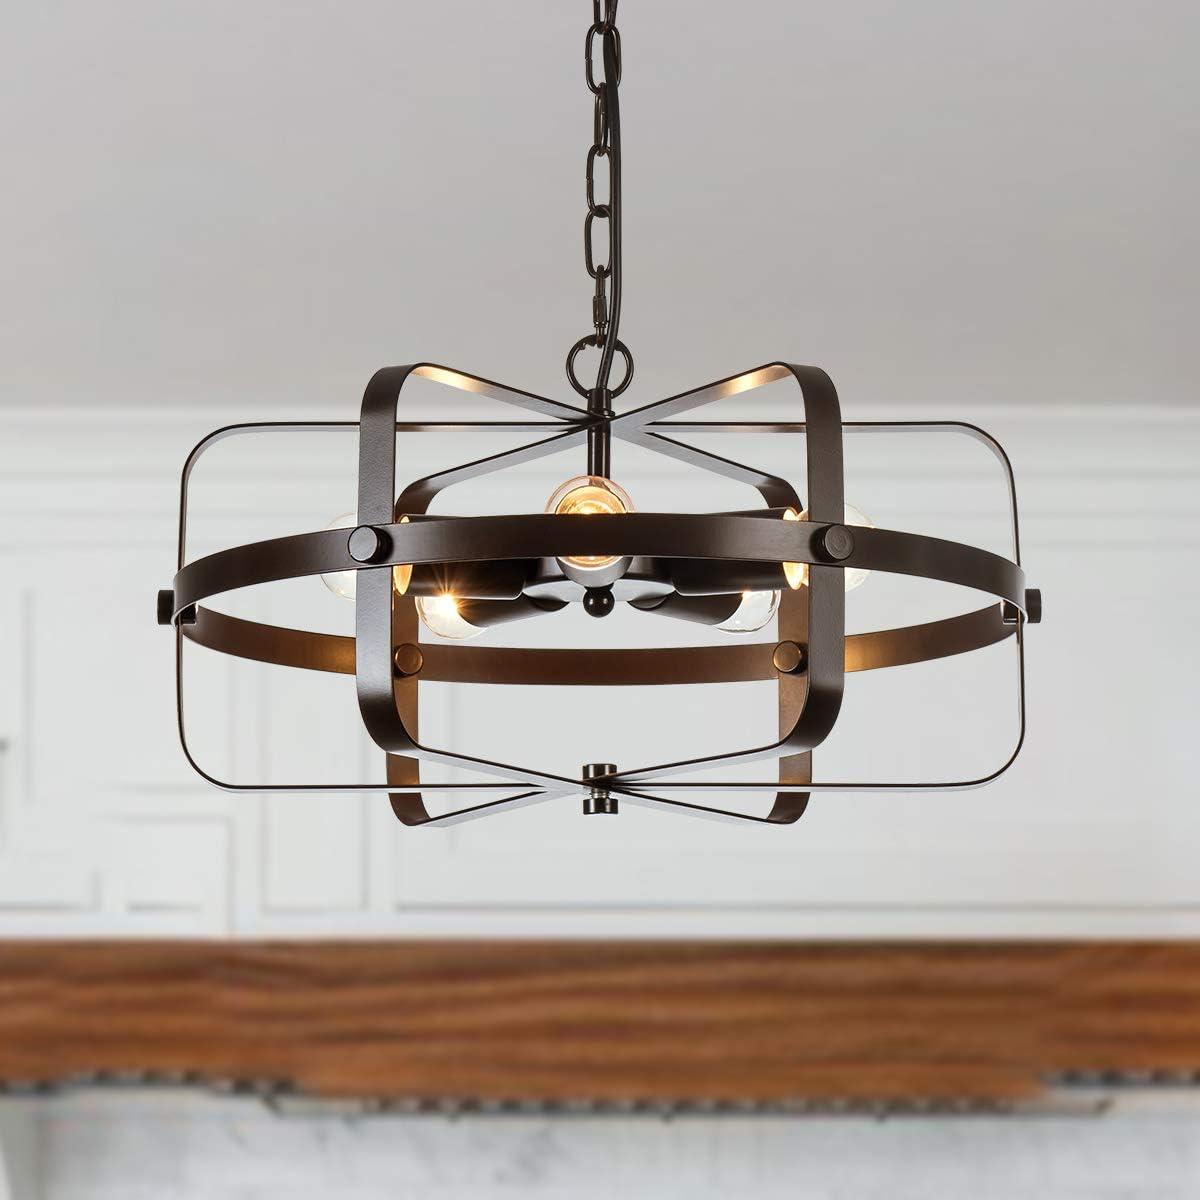 PUSU Industrial Metal Indoor Pendant Light Fixtures 5-Light Brown Chandeliers Cage Hanging Lighting for Living Room Dining Bedroom Bar and Kitchen.